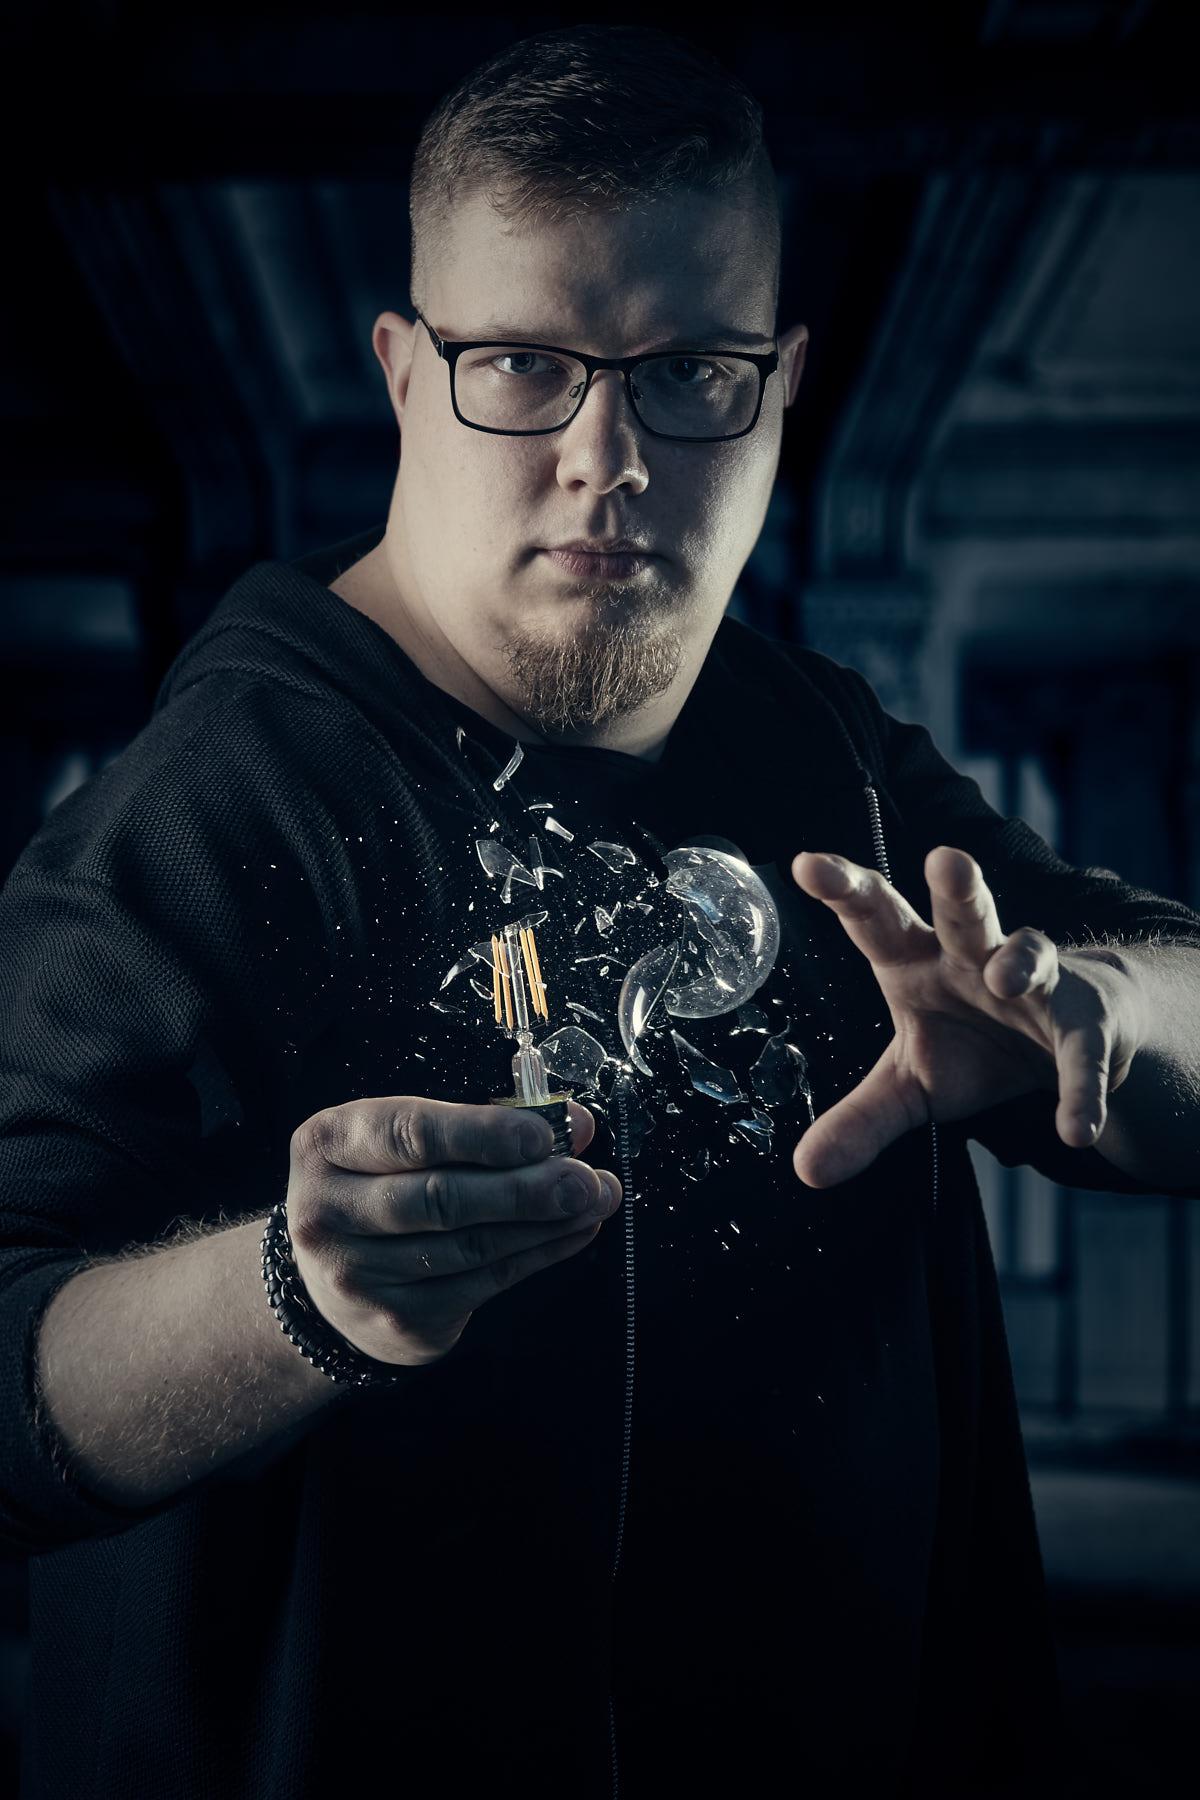 Künstlerportrait eines jungen Zauberers der eine Glühbirne zerspringen läßt